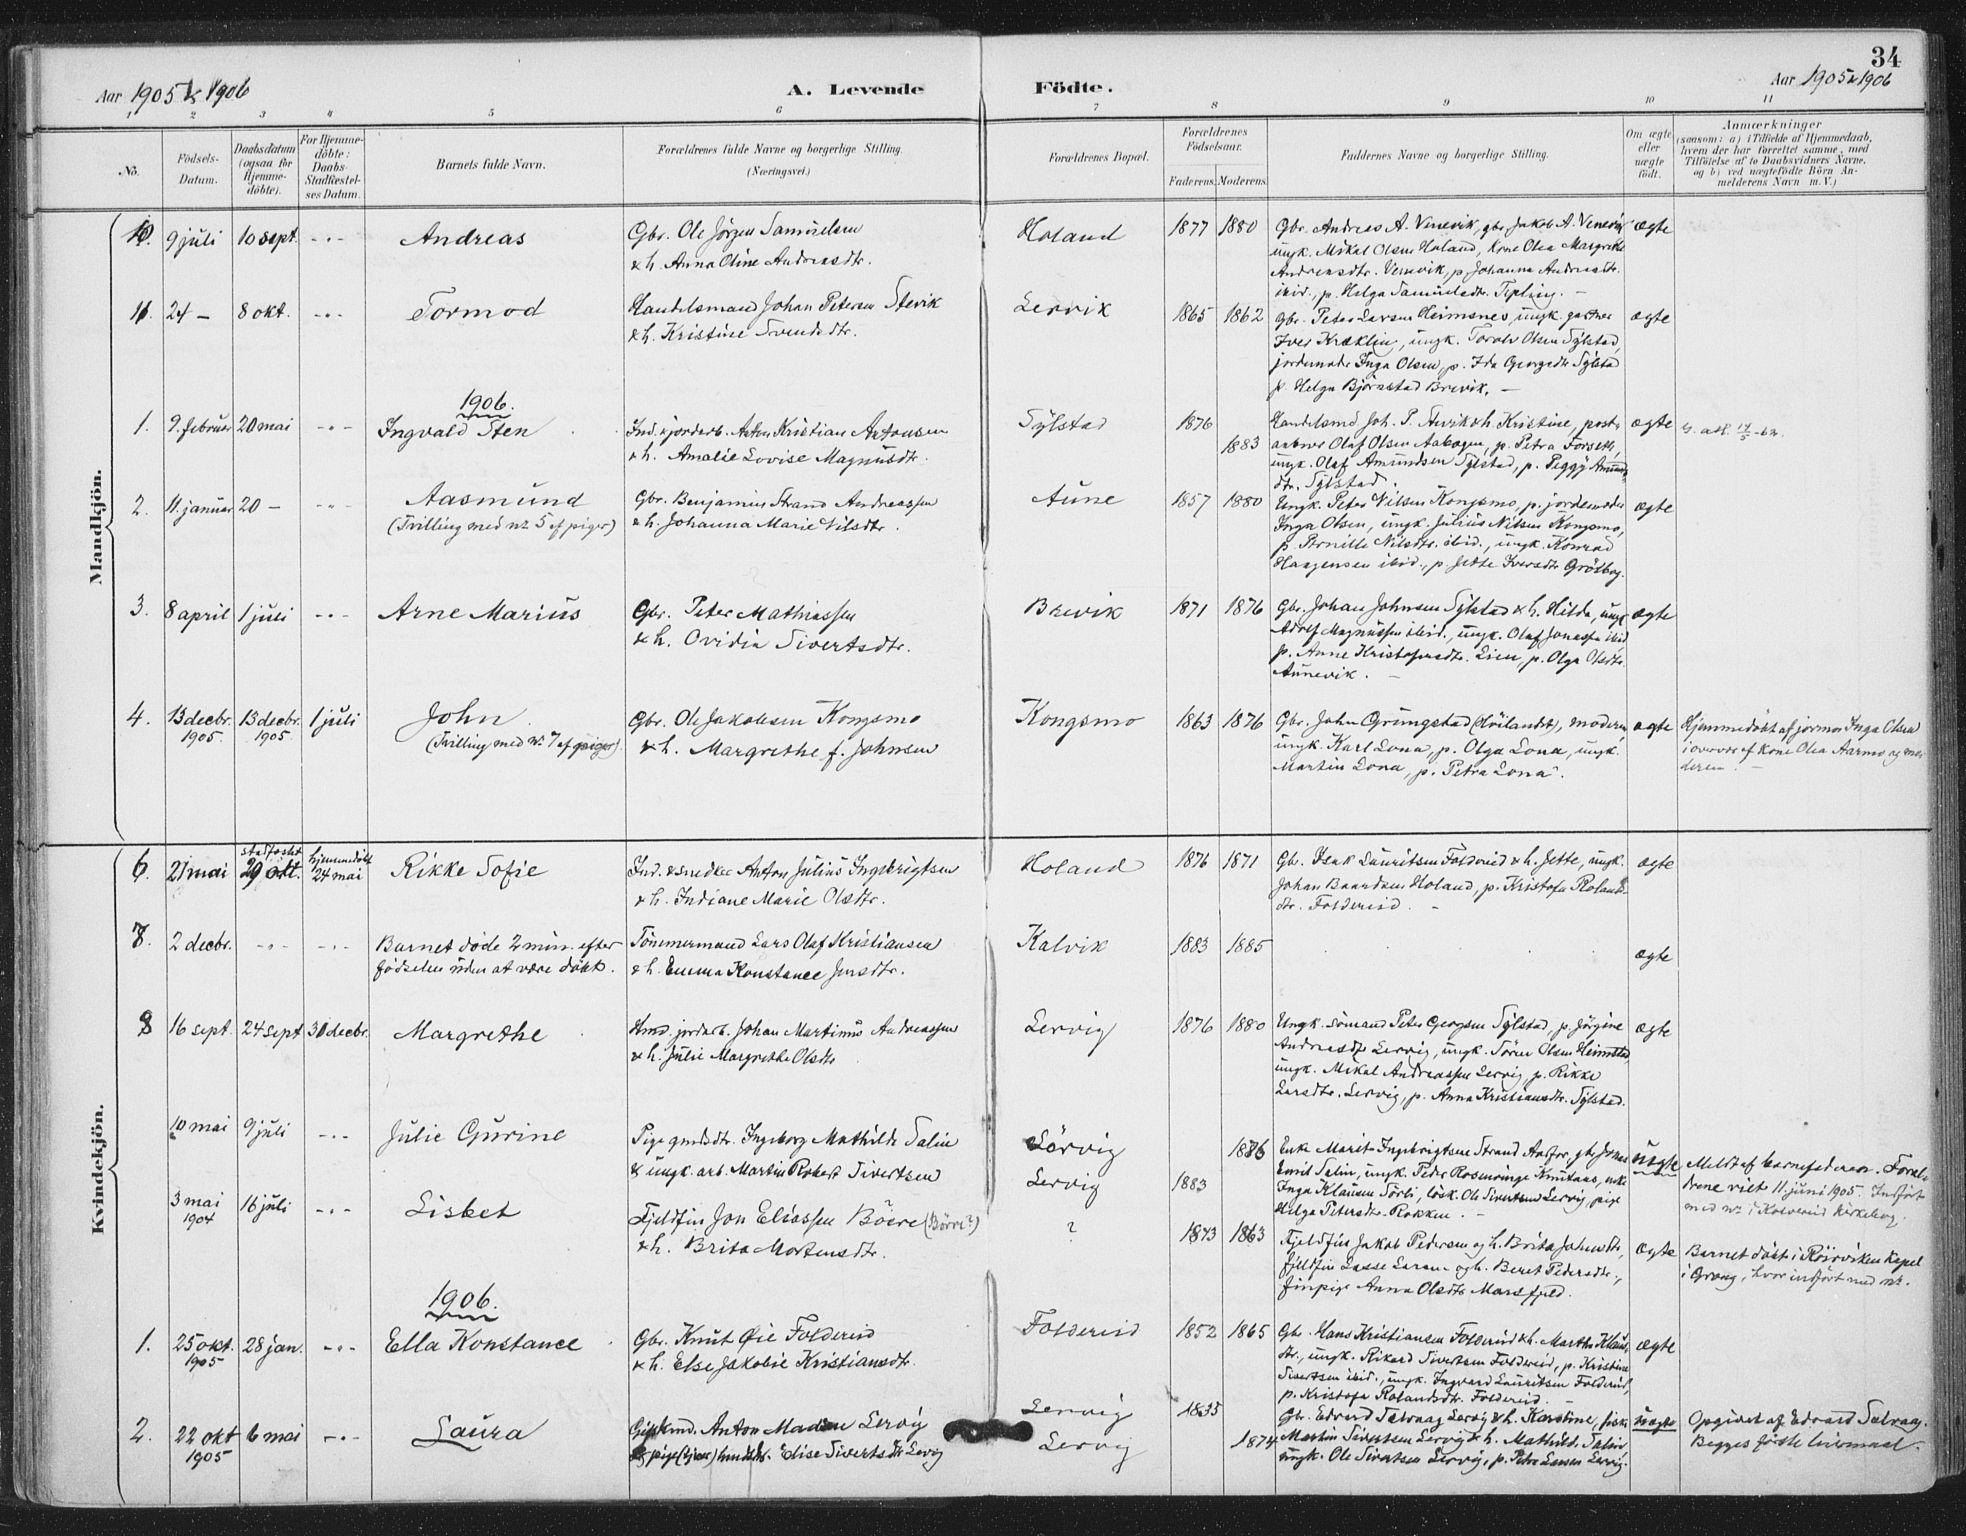 SAT, Ministerialprotokoller, klokkerbøker og fødselsregistre - Nord-Trøndelag, 783/L0660: Ministerialbok nr. 783A02, 1886-1918, s. 34